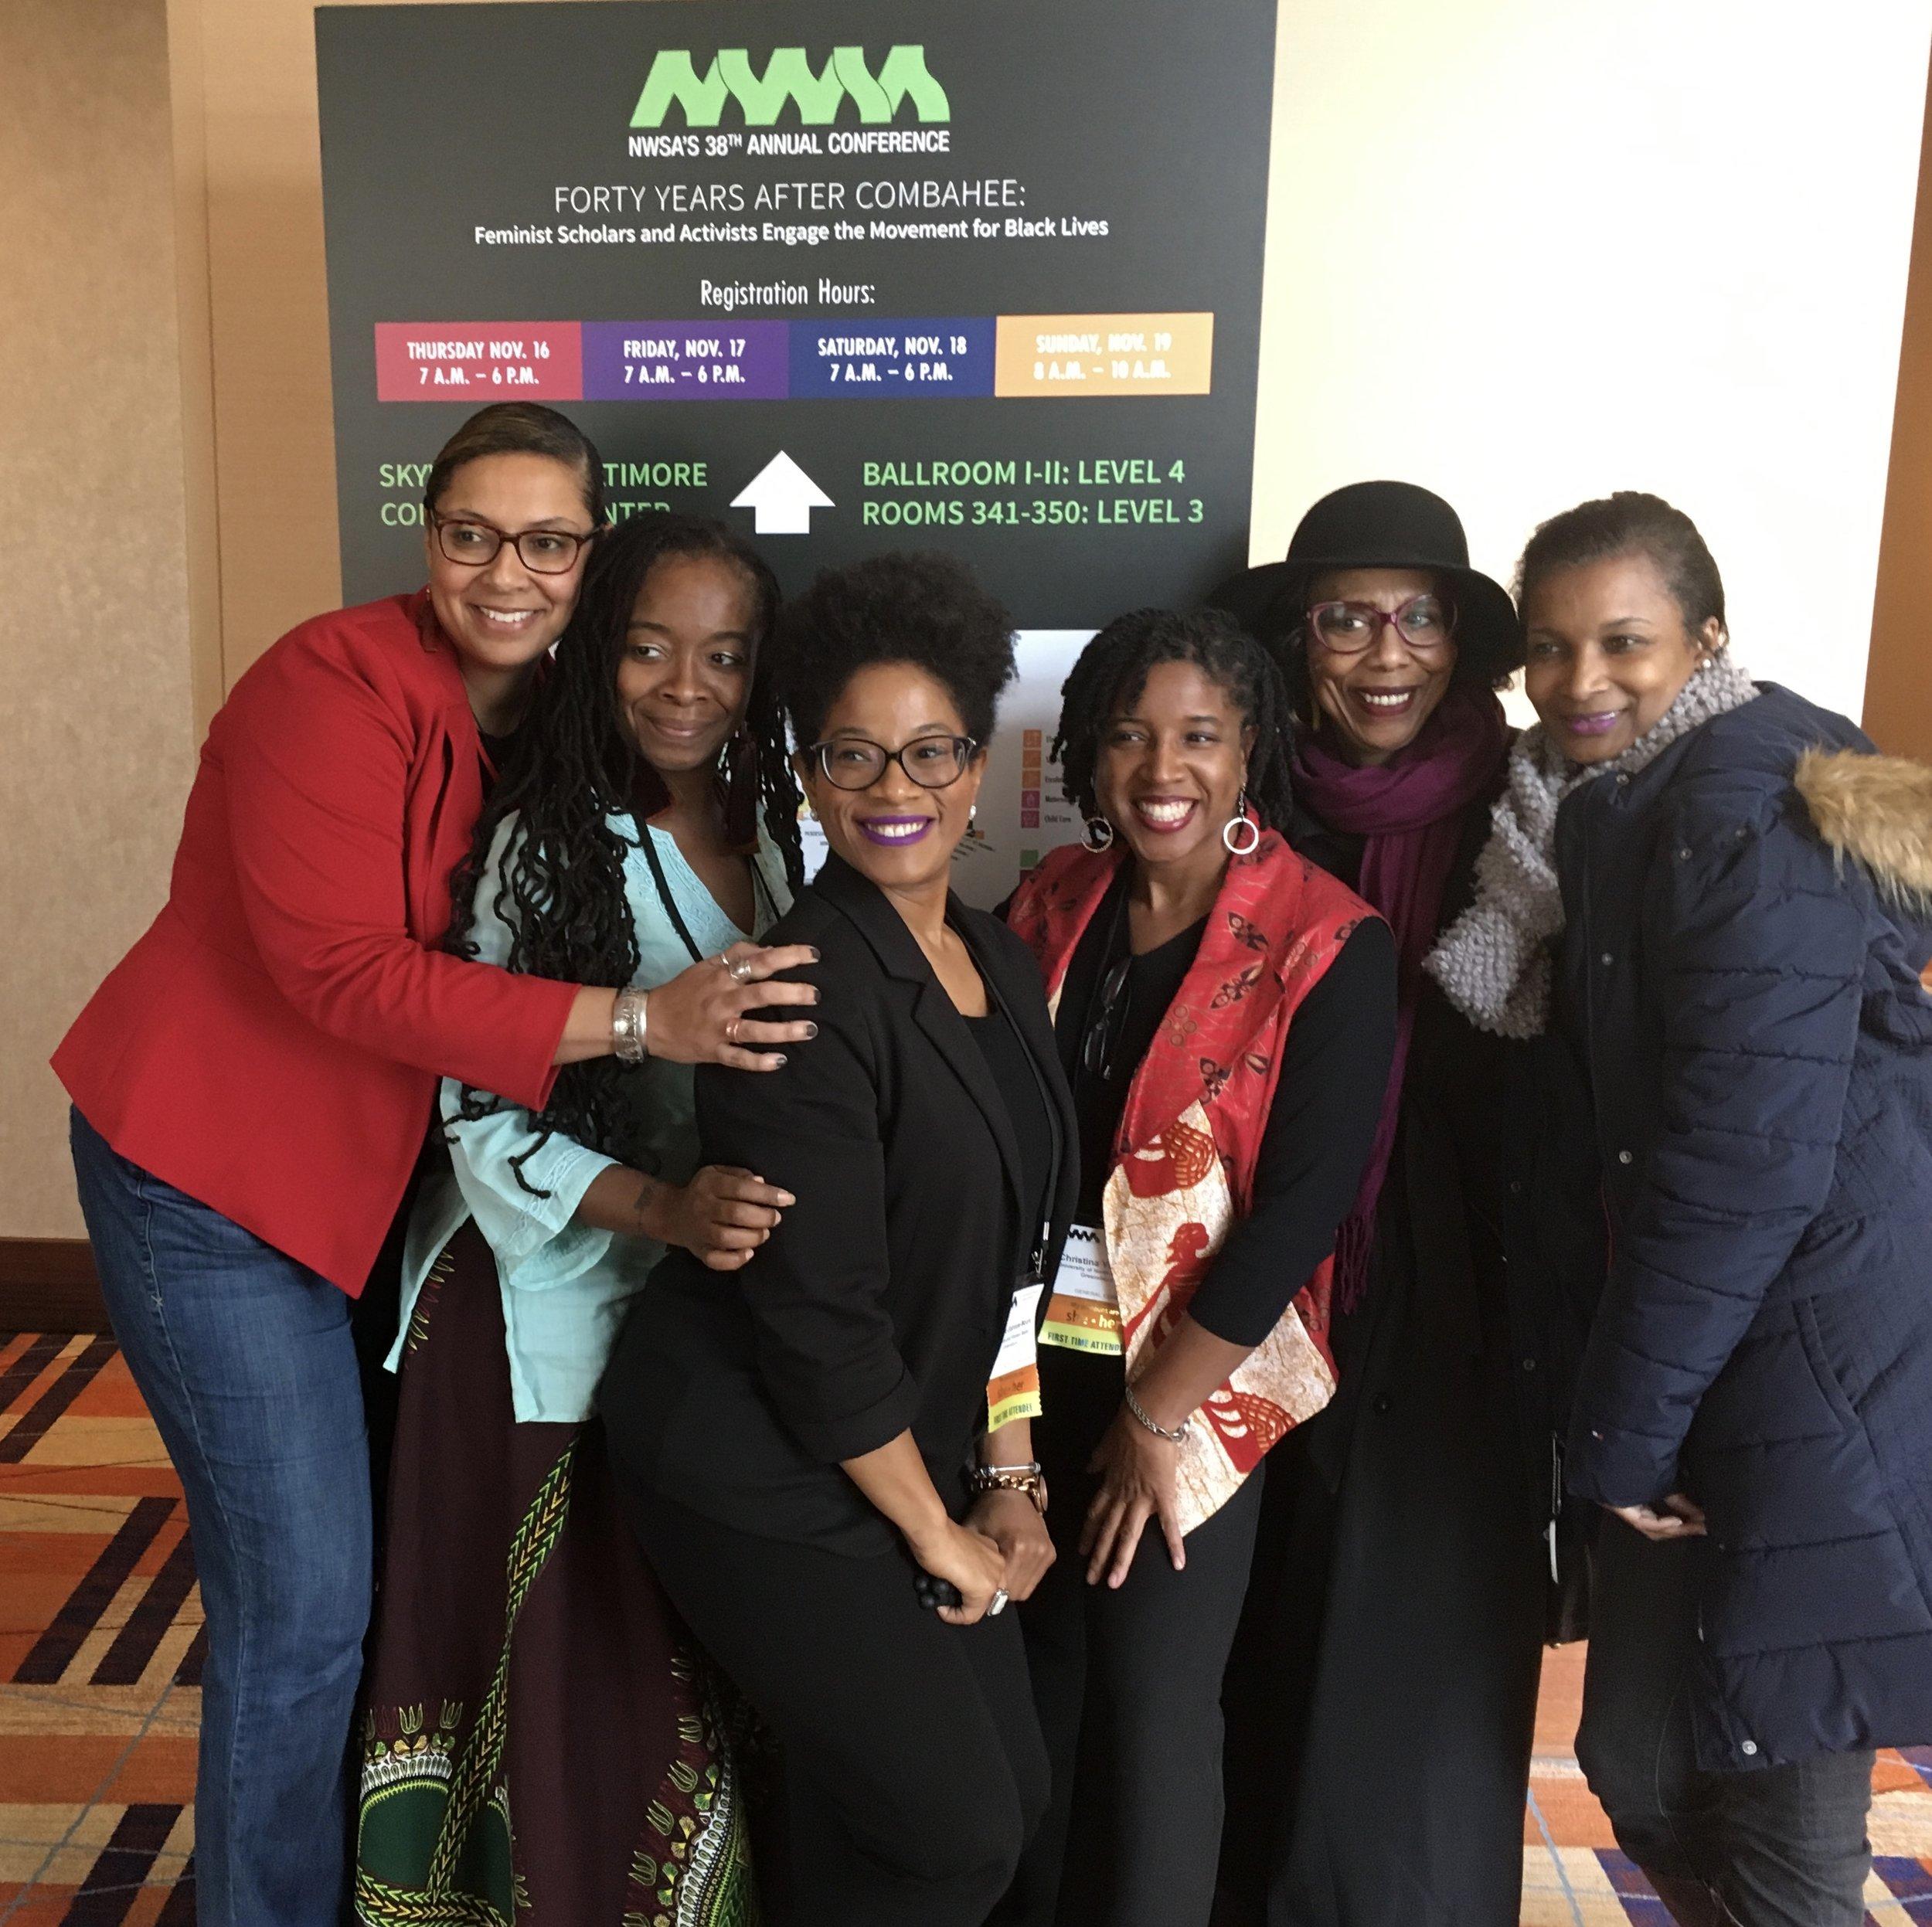 National Women's Studies Association Presenter -